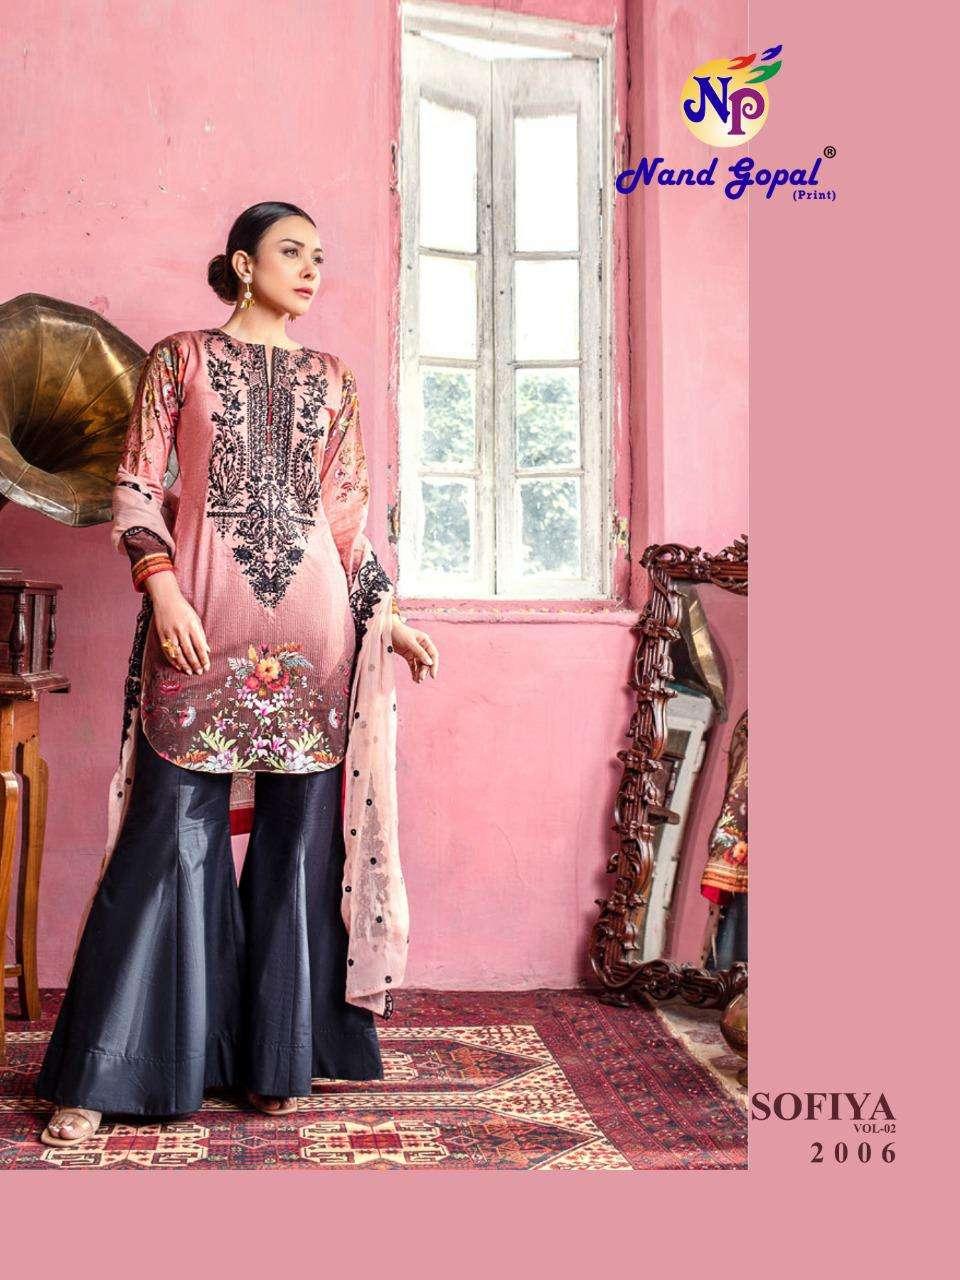 Nand Gopal Sofiya  vol 2